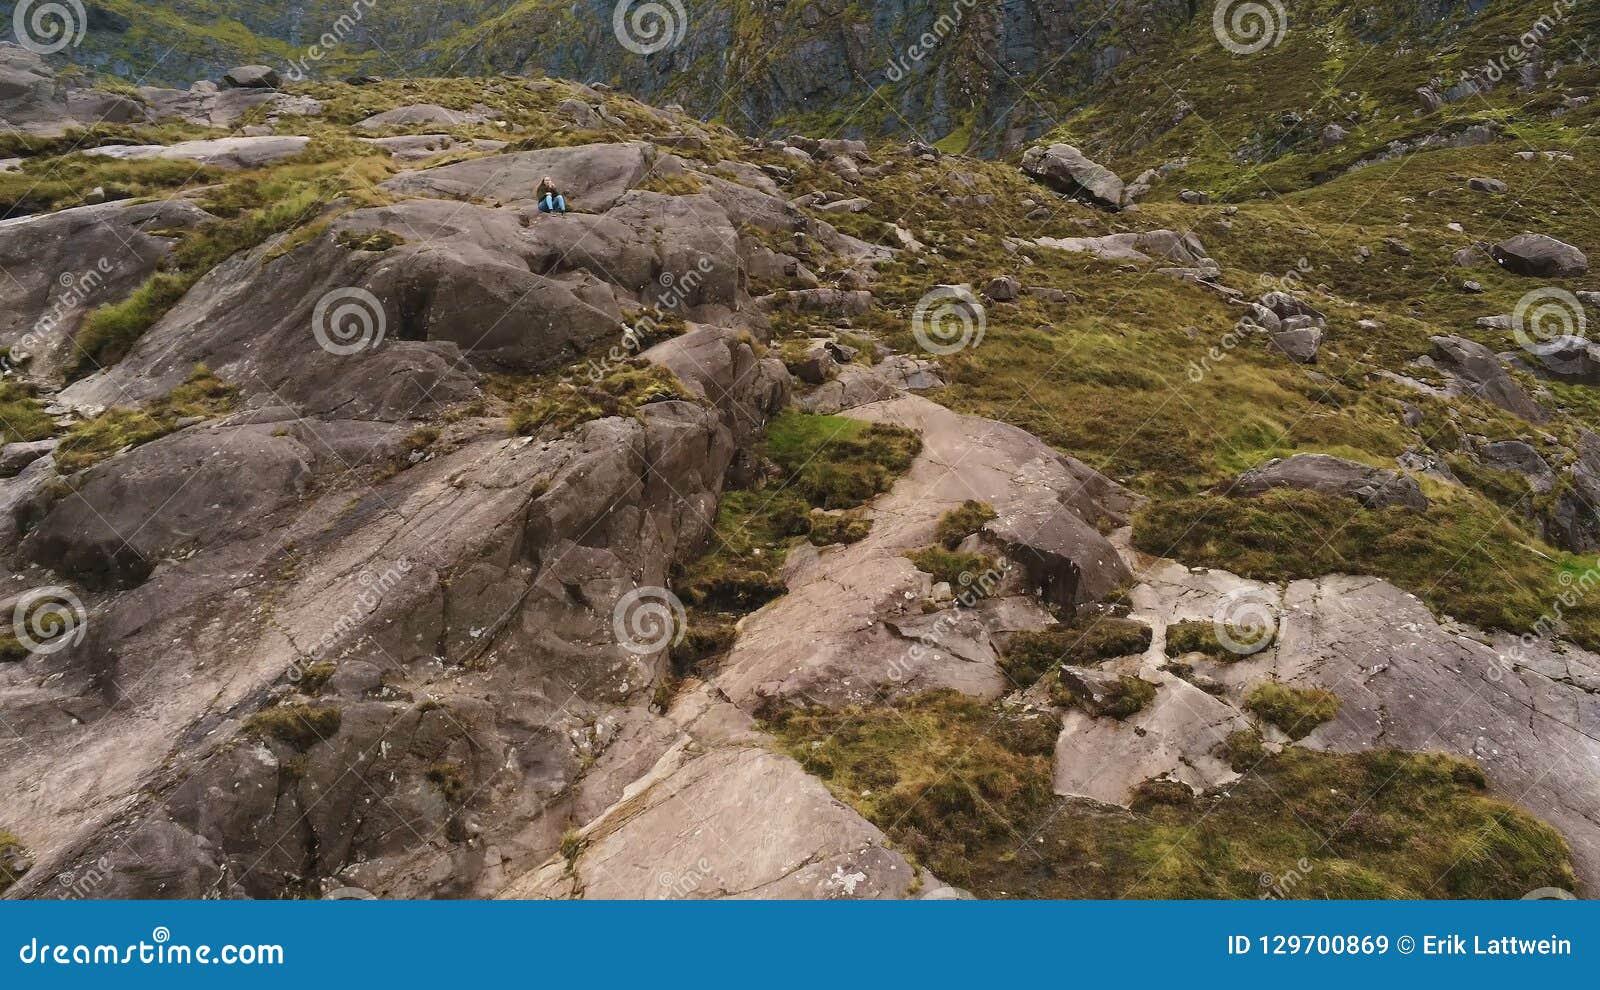 A moça senta-se apenas nas montanhas rochosas da península do Dingle